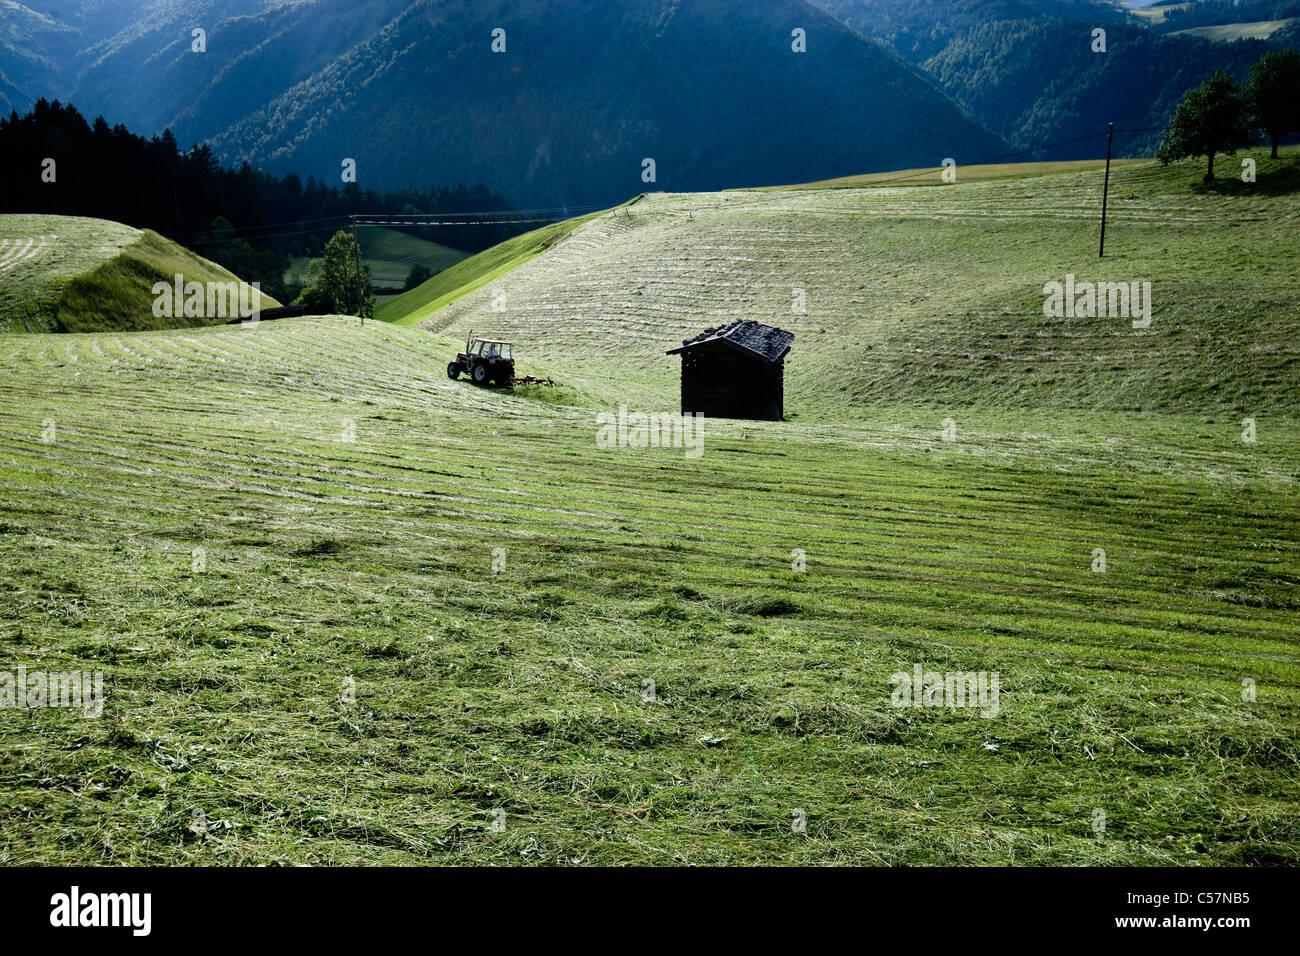 Cabane dans les champs de culture rurale Photo Stock